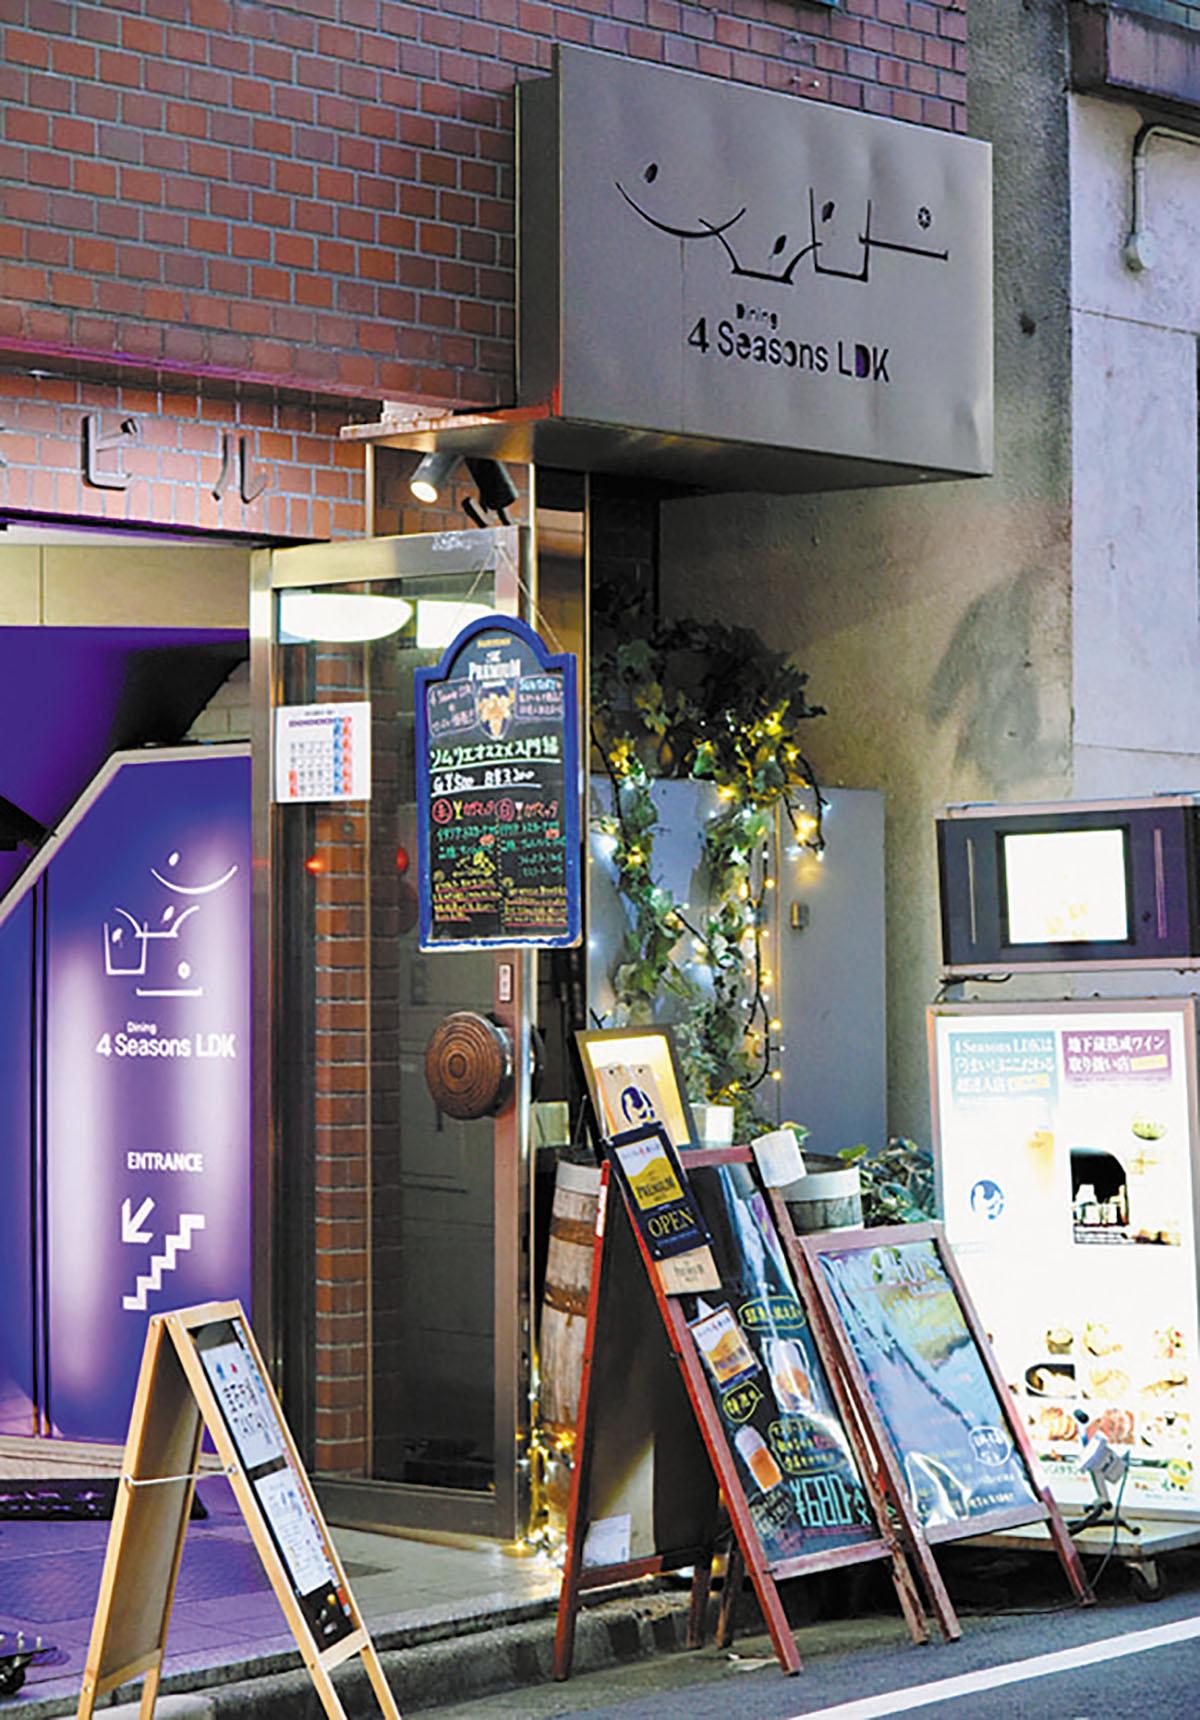 ワインダイニング 4 Seasons LDK店舗写真